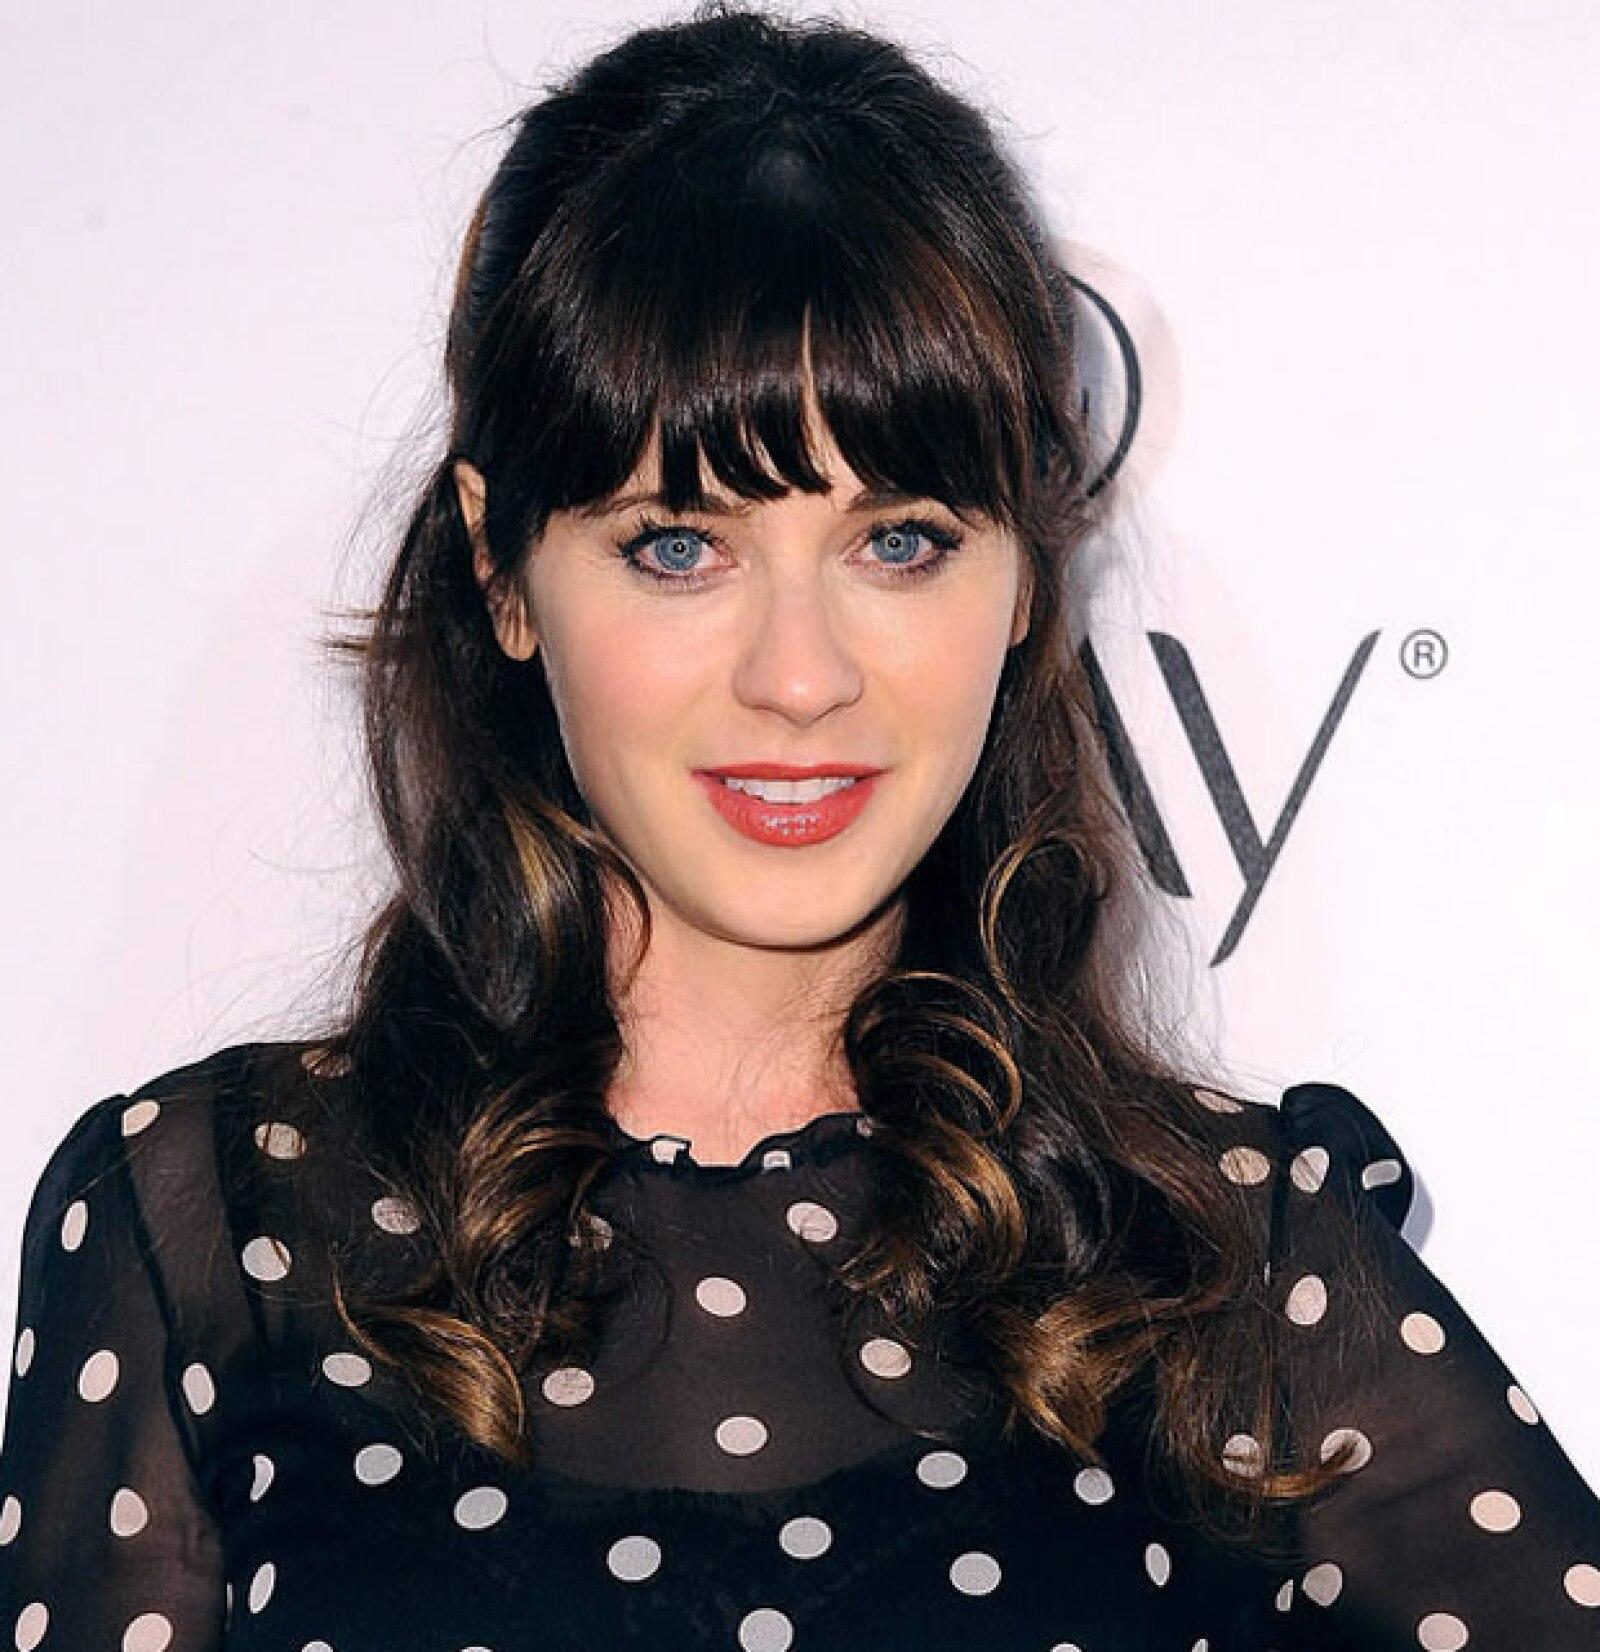 Sin duda la actriz Zoey Deschannel y la cantante Katy Perry podrían ser gemelas.